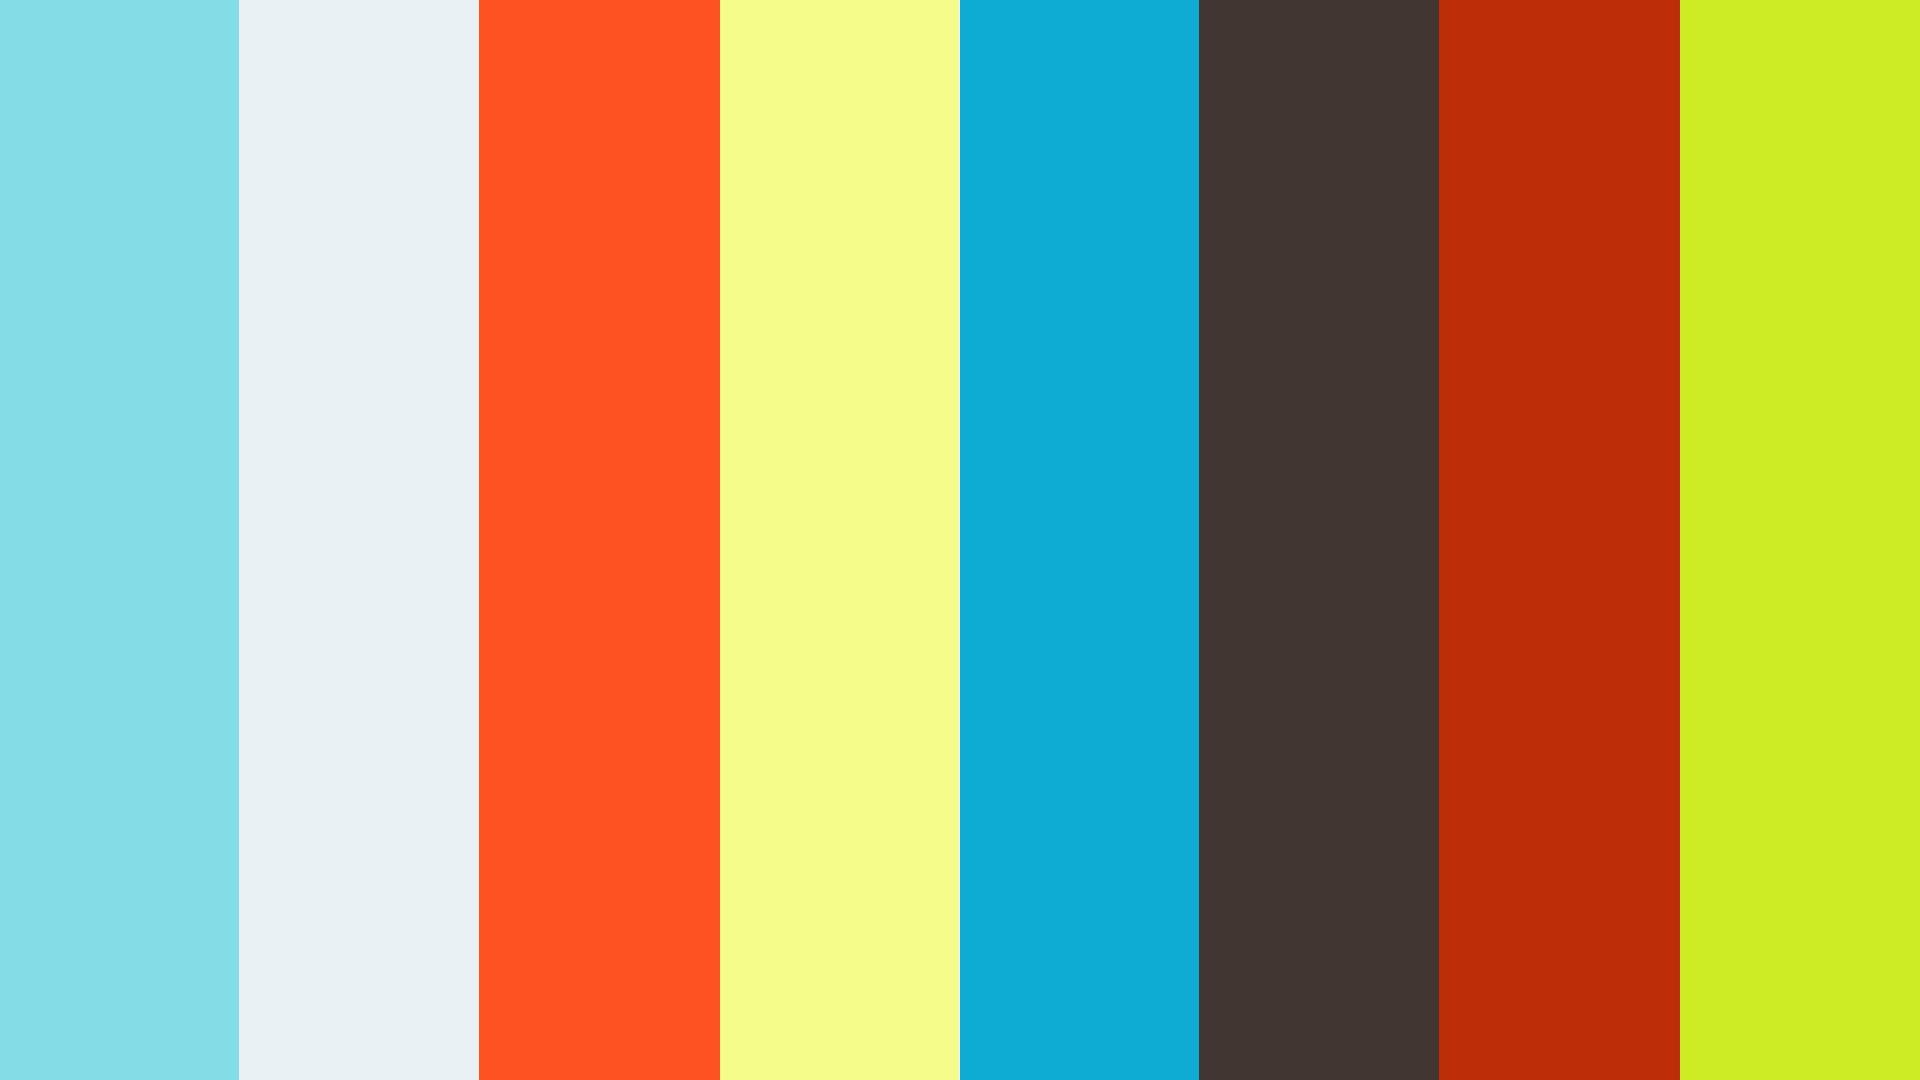 Watch Avantist - Tidalwave on our Free Roku Channel